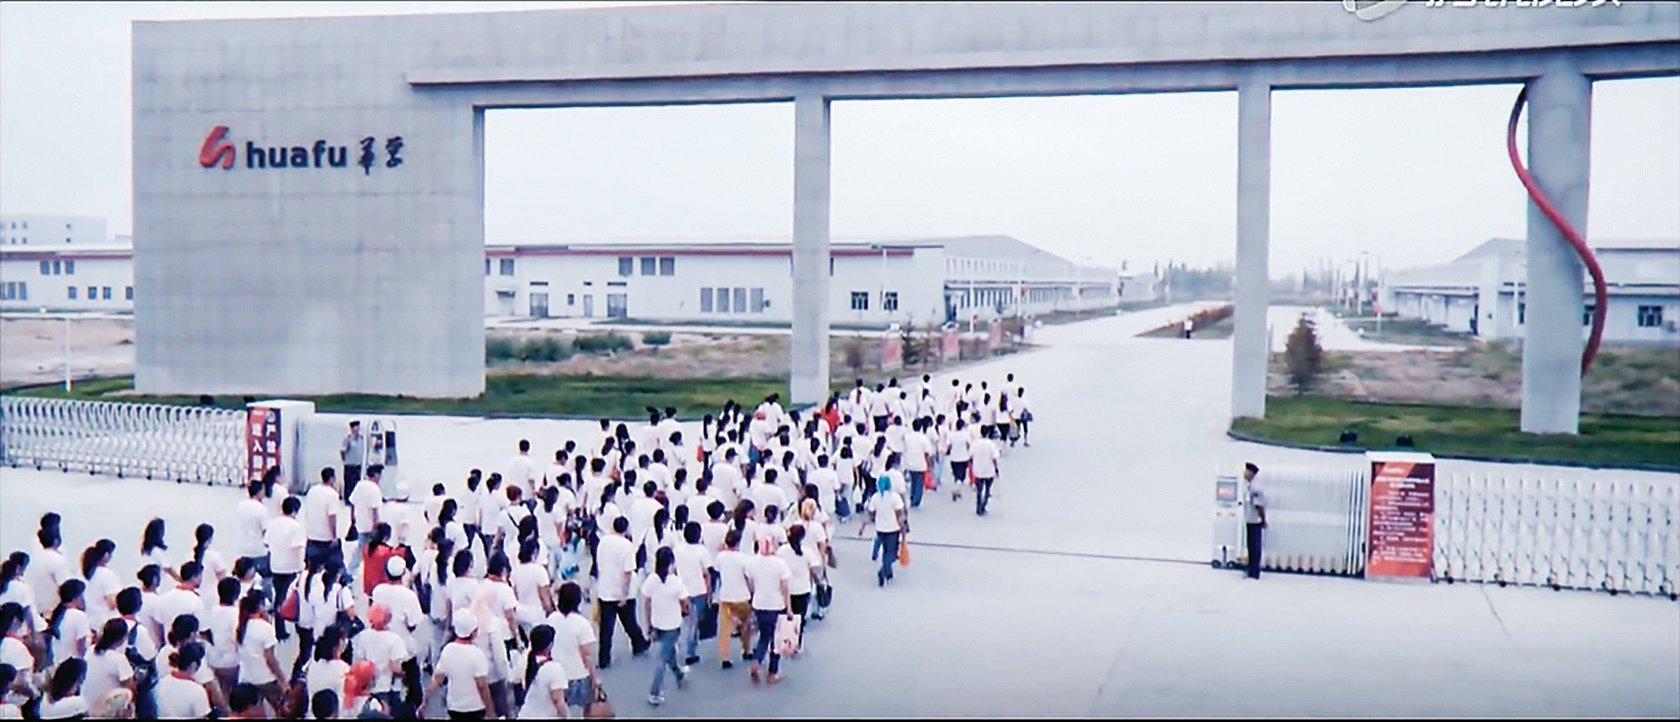 新疆華孚去年巨虧5,430萬美元。圖為新疆華孚的工廠。(影片截圖)